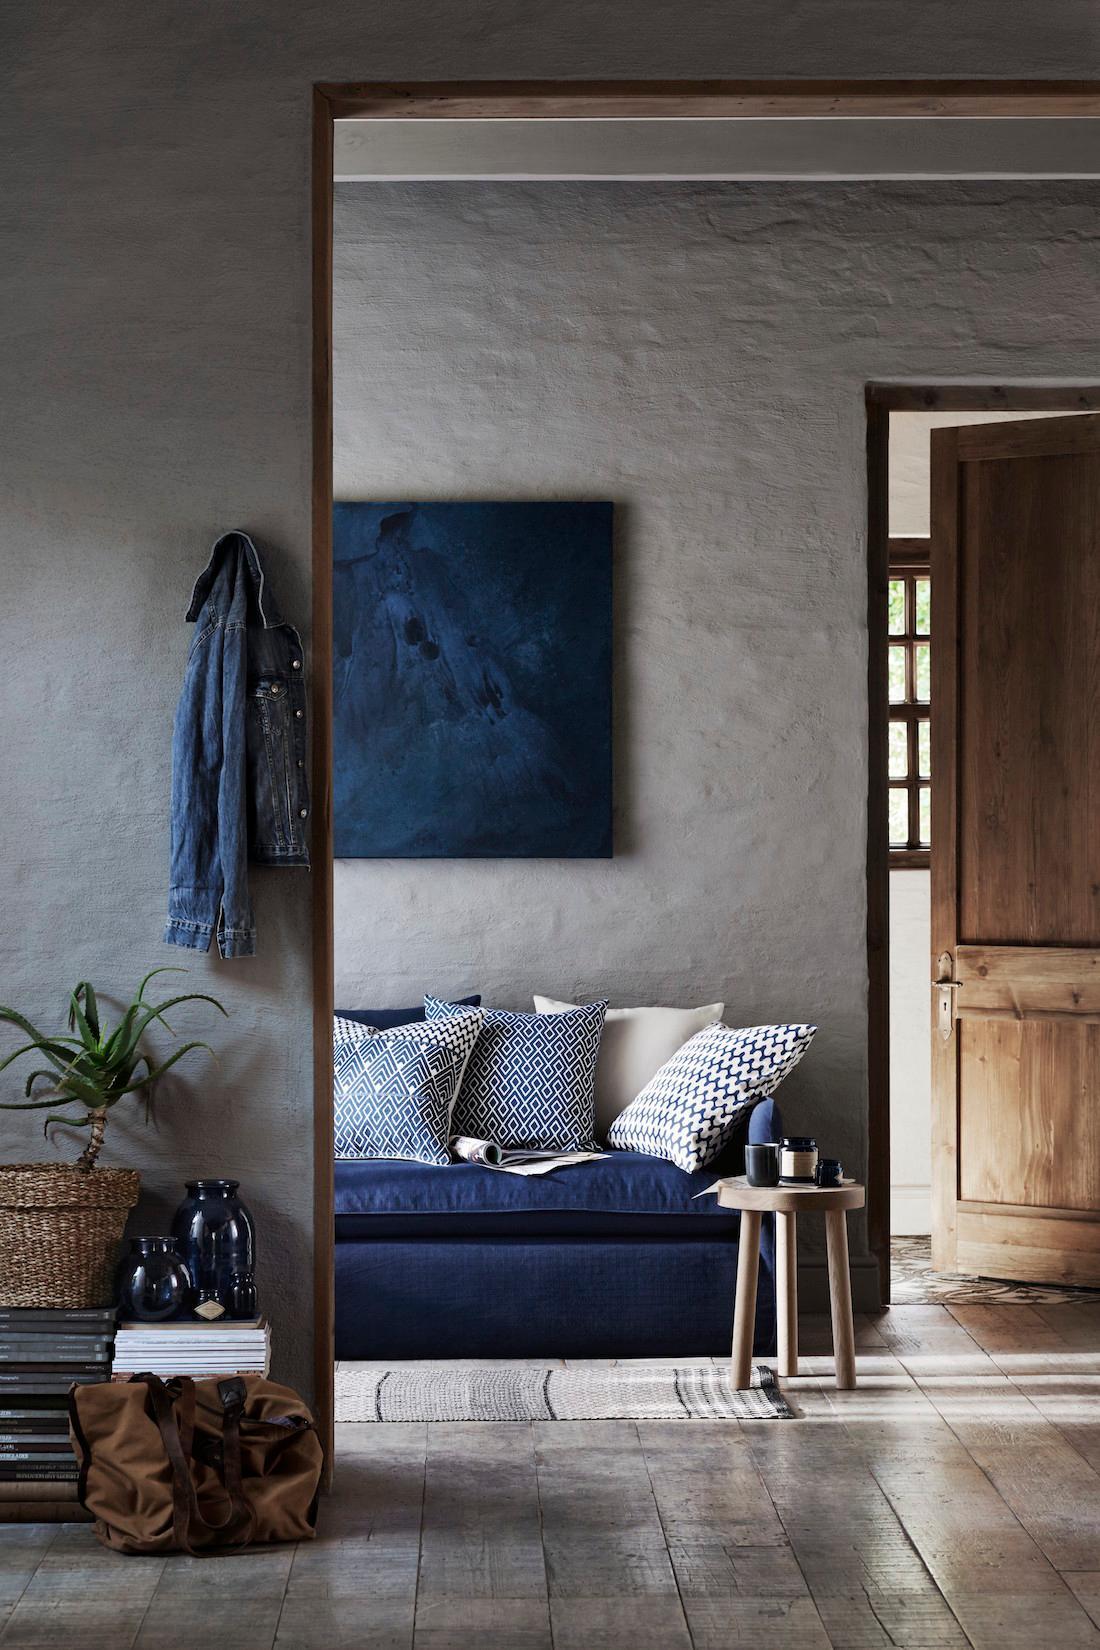 Full Size of Blaues Sofa Bilder Ideen Couch Canape Rotes Kleines Wohnzimmer Schlafsofa Liegefläche 160x200 Modulares Mit Relaxfunktion Blau Kaufen Günstig Schlaffunktion Sofa Blaues Sofa